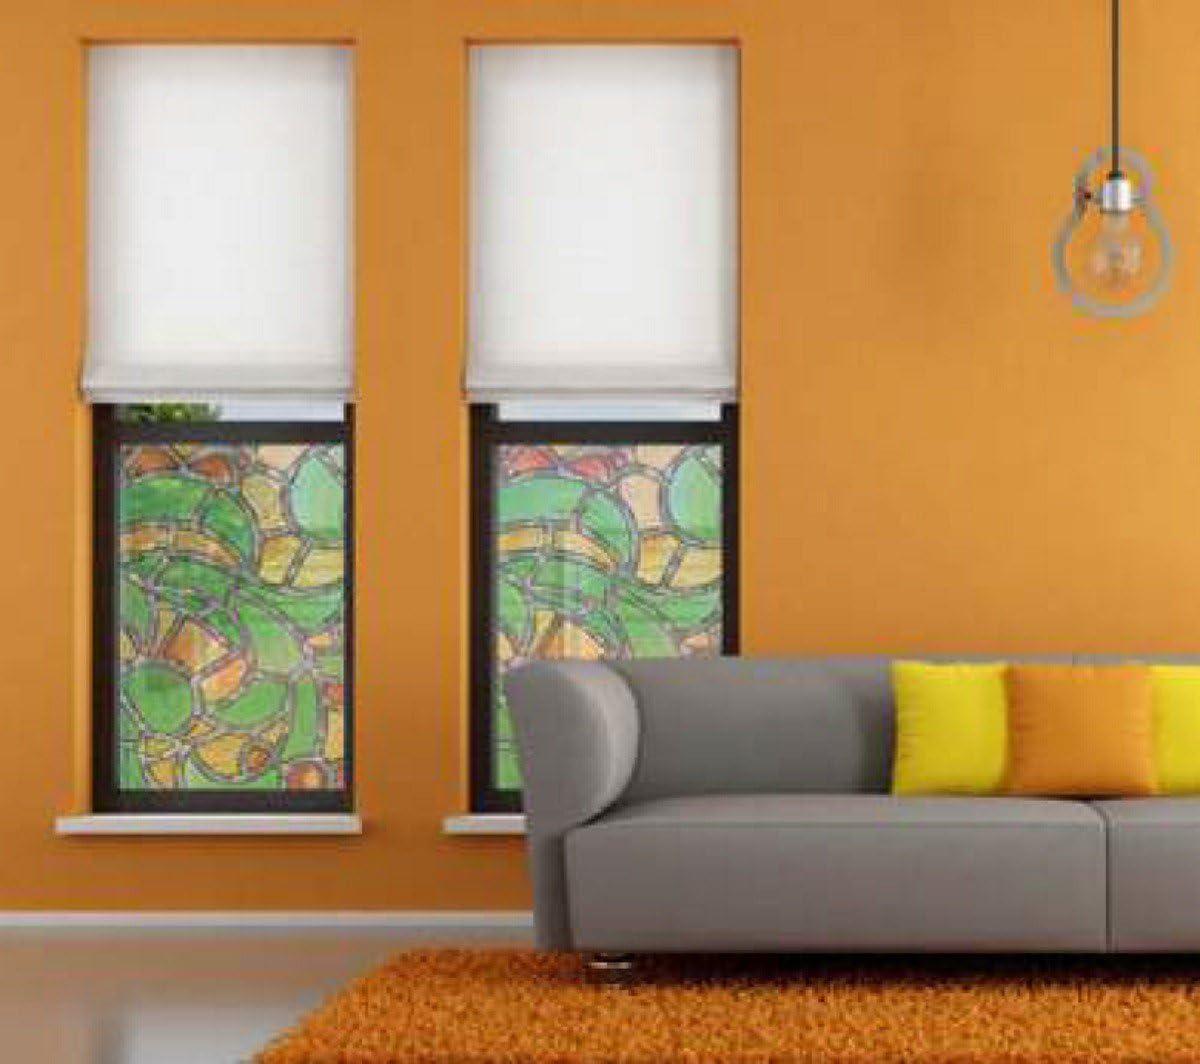 Adhesivo para ventanas de coloures de Niza - papel decorativo para cristal de plomo del protector de pantalla de cristal con aspecto de lámina autoadhesiva 0,45 M x 2,00 M: Amazon.es: Hogar